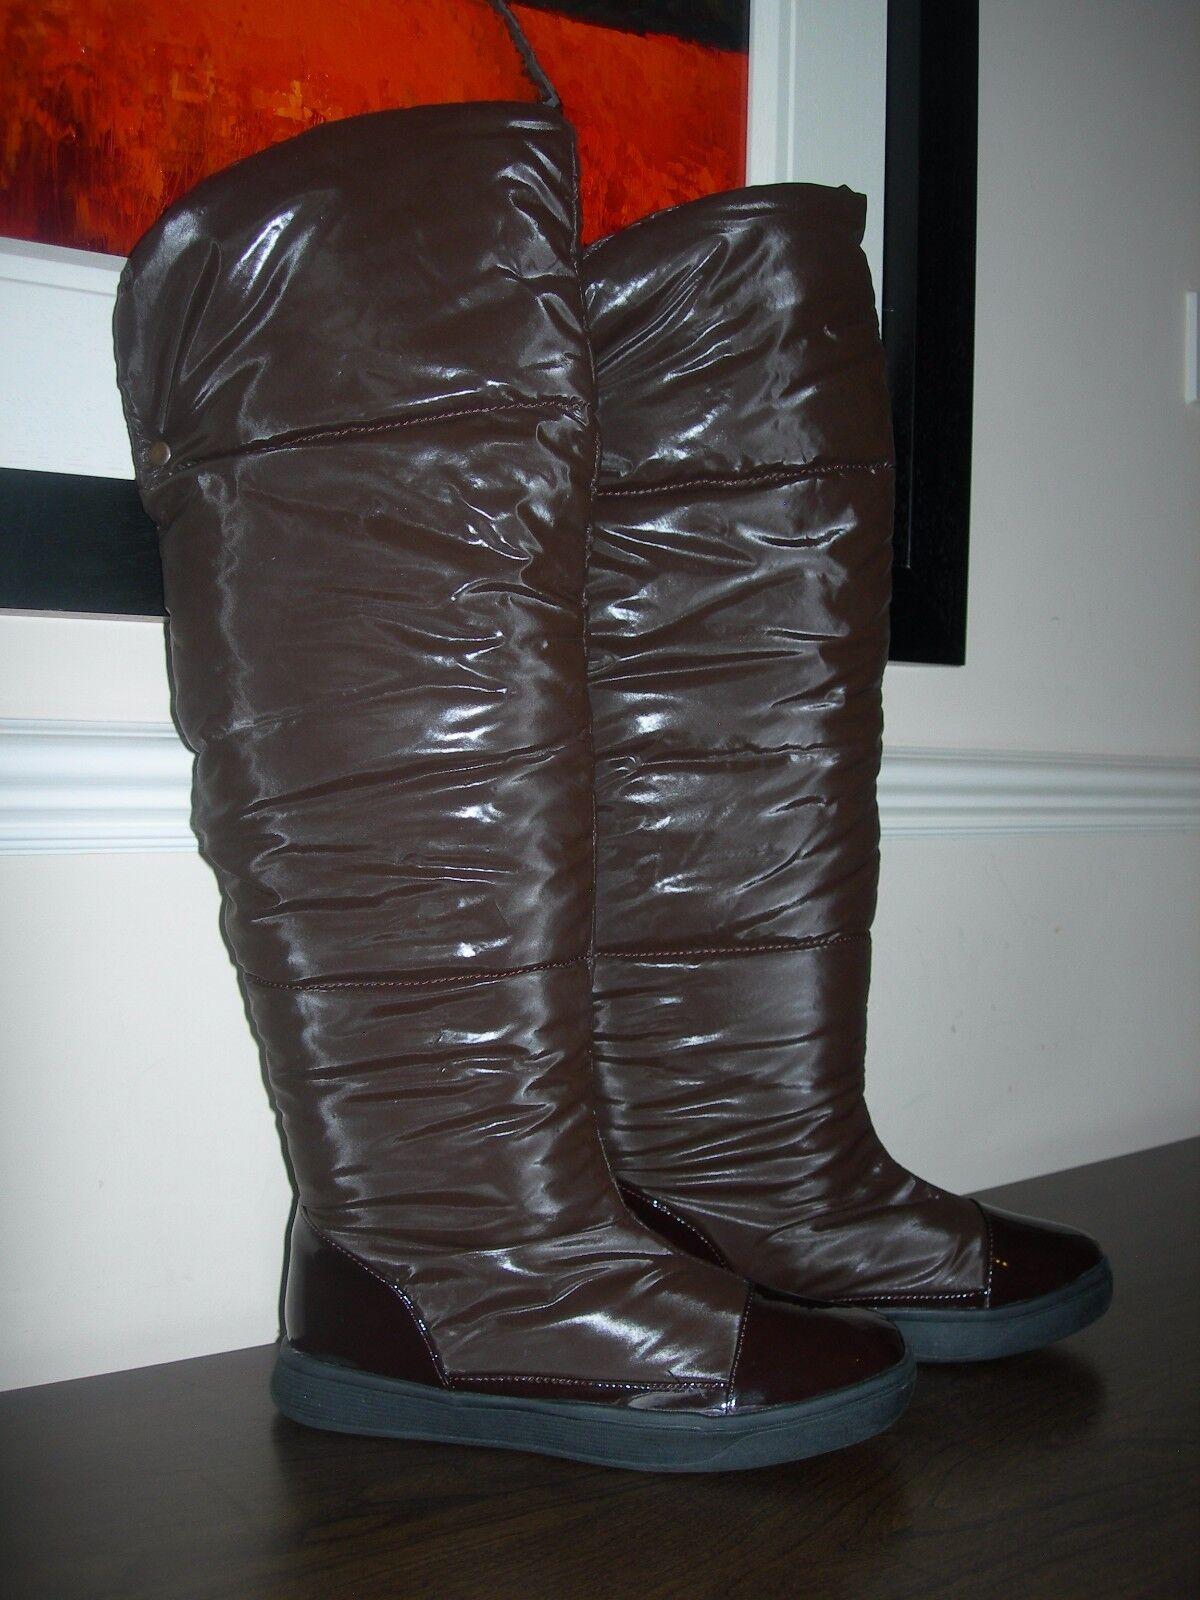 STEPHAN WOMEN'S BOOTS PUFFY TALL OVER-KNEE HIGH WINTER BOOTS EU 38 / UK 5 SLIM